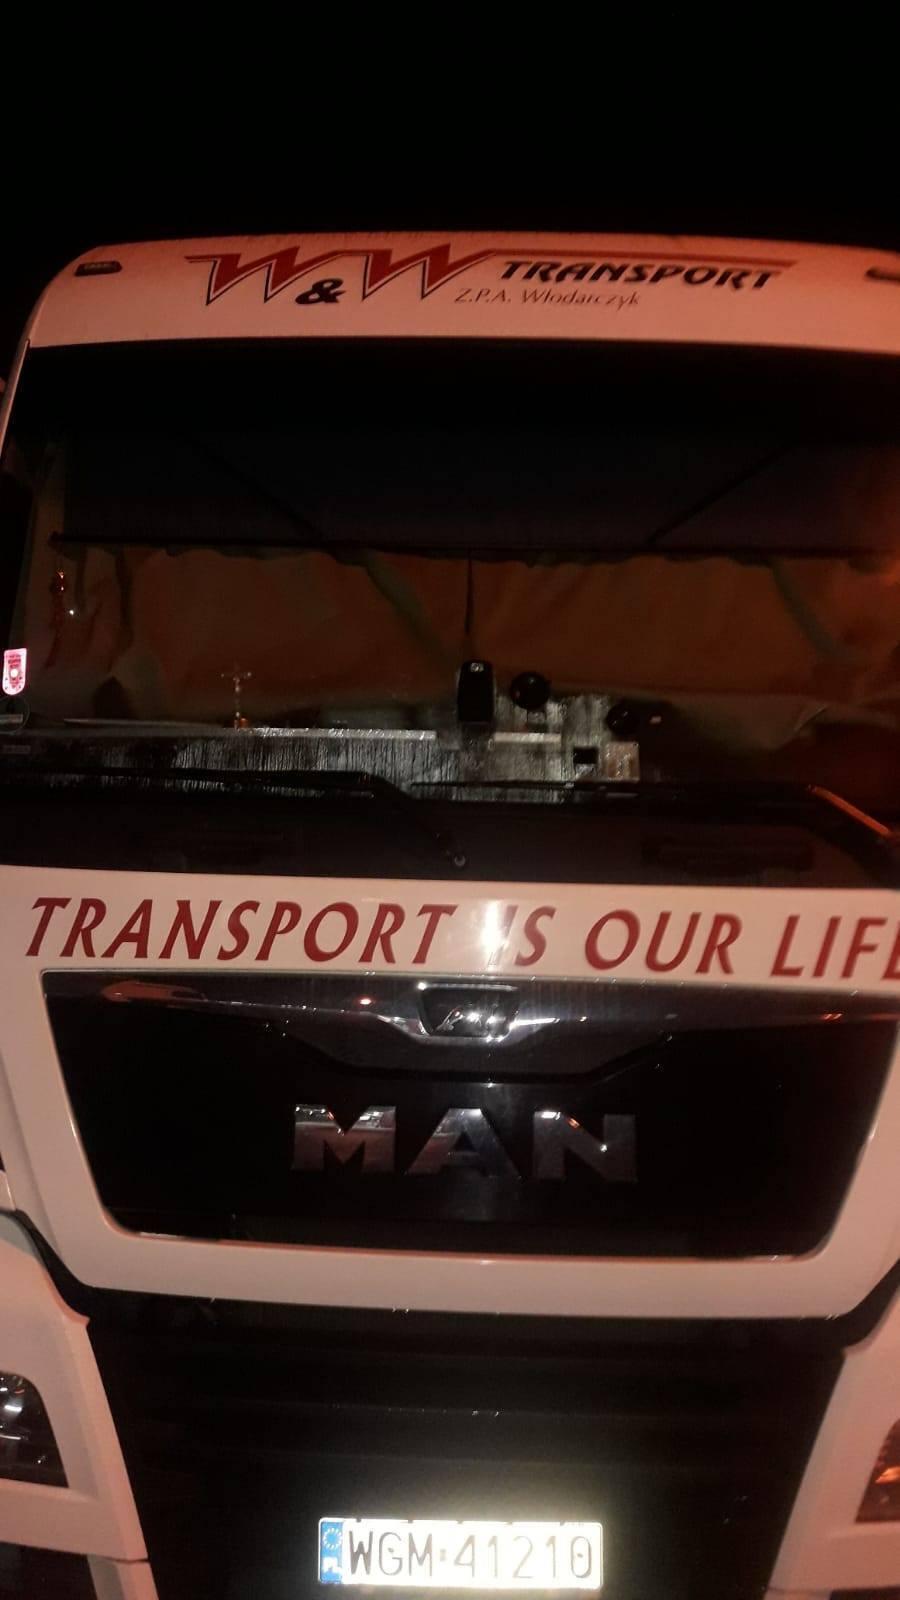 Із вантажівки зняли банер